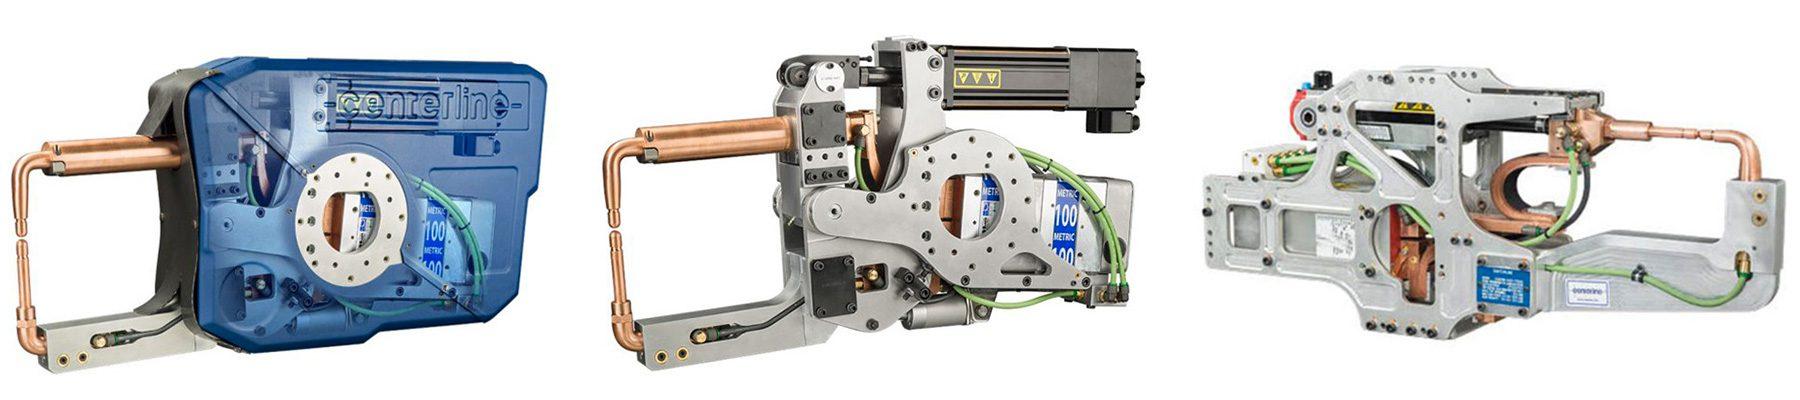 pistolas de soldadura manuales y robot